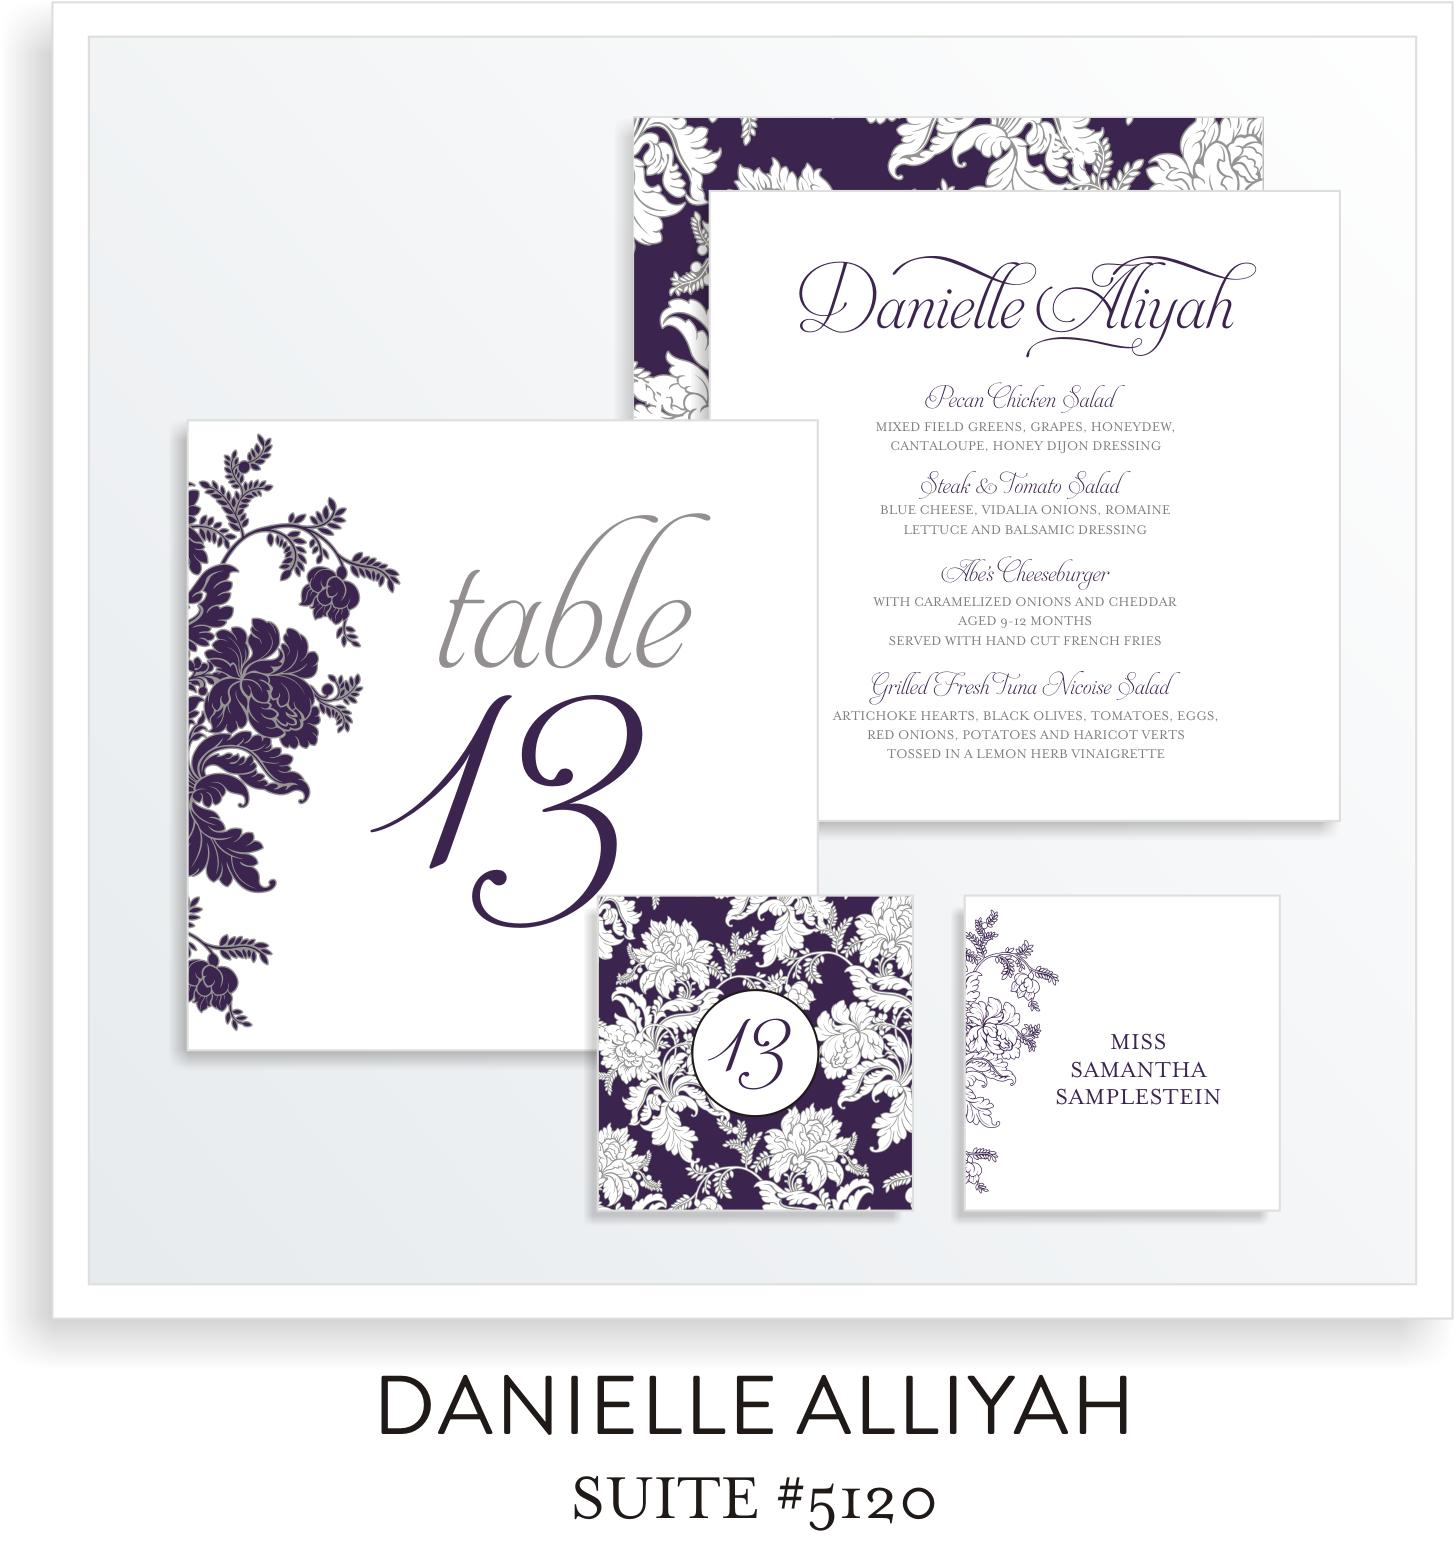 Table Top Decor Bat Mitzvah Suite 5120 - Danielle Alliyah